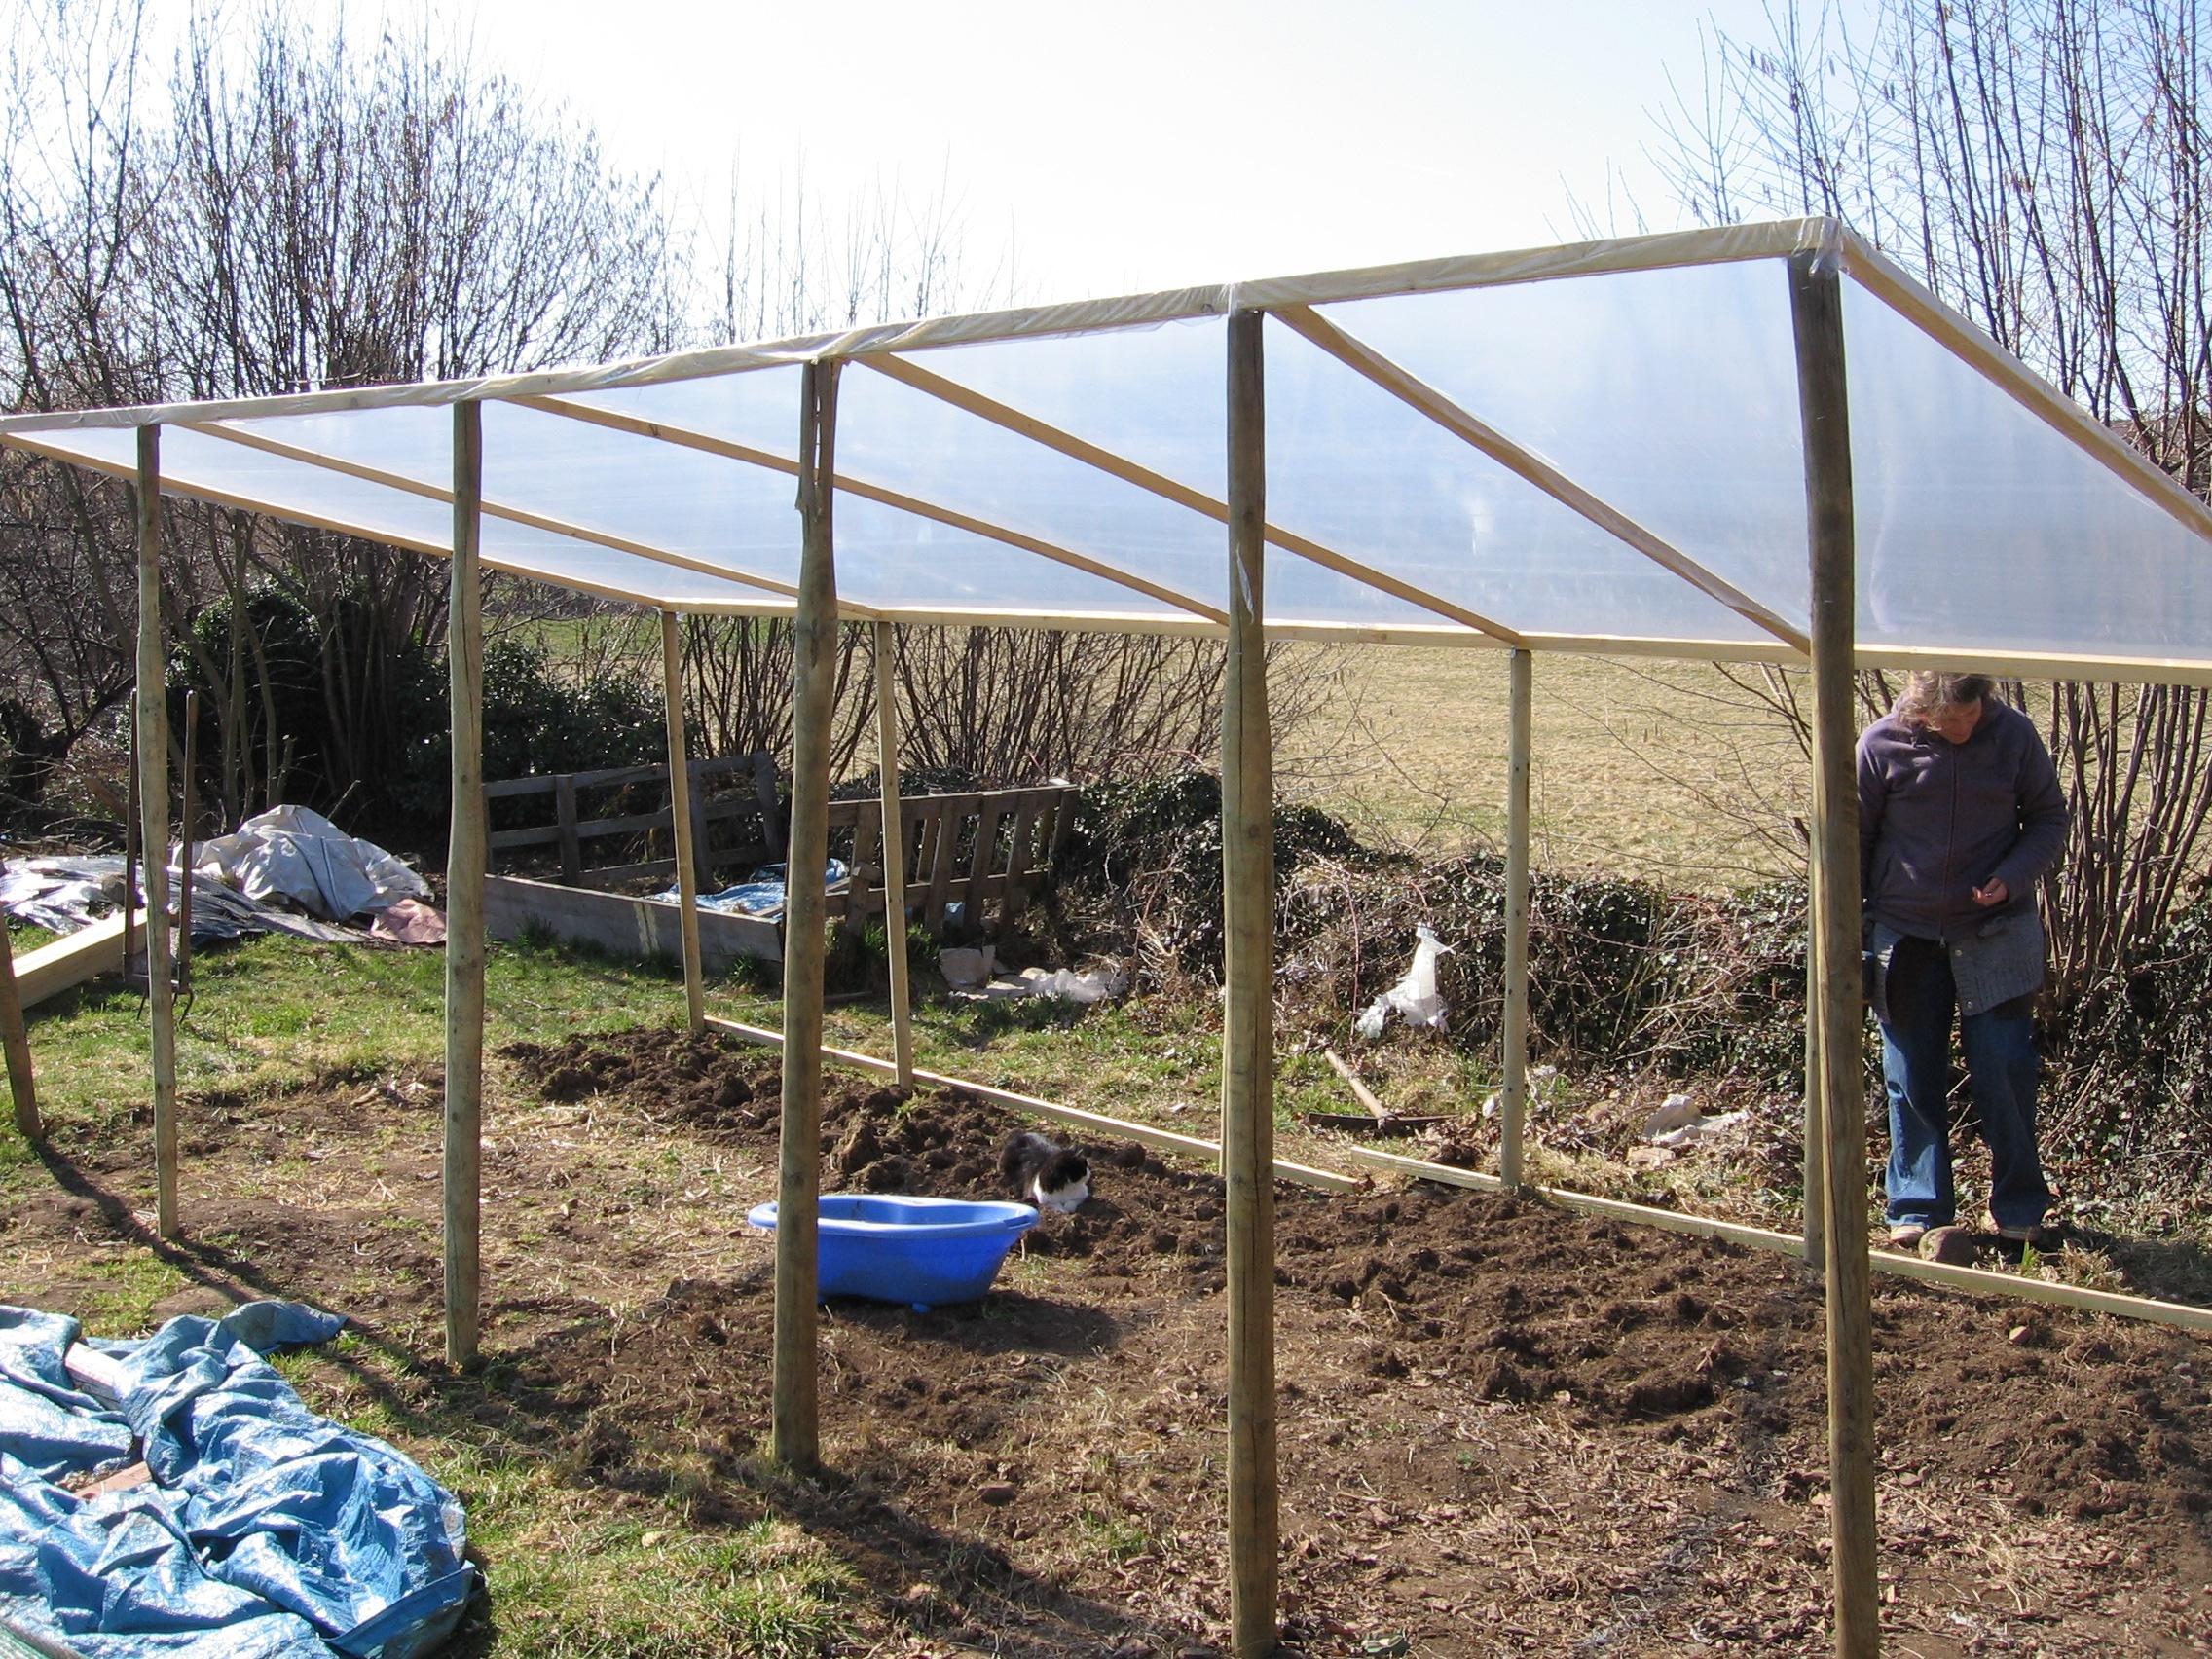 Comment Construire Une Serre Pas Chère Dans Son Jardin | Le ... concernant Serre De Jardin Pas Chere